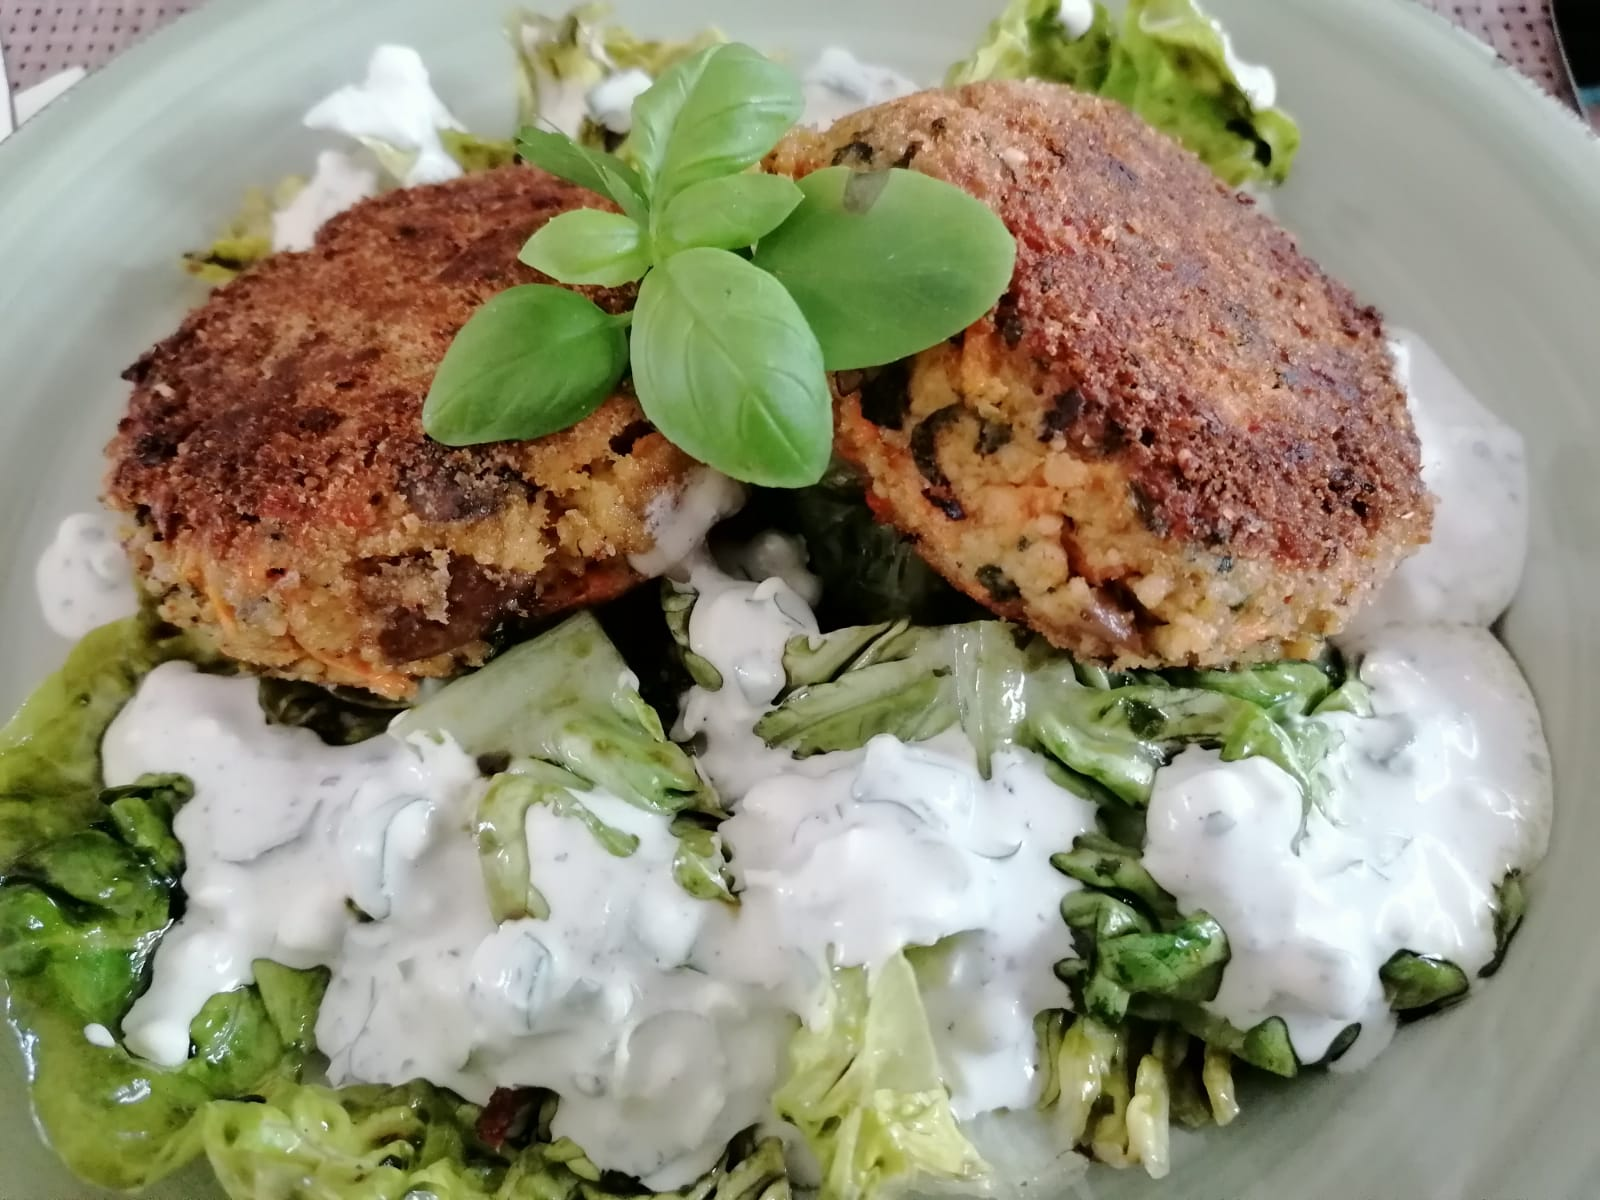 Couscous Laibchen auf Salat mit Dip